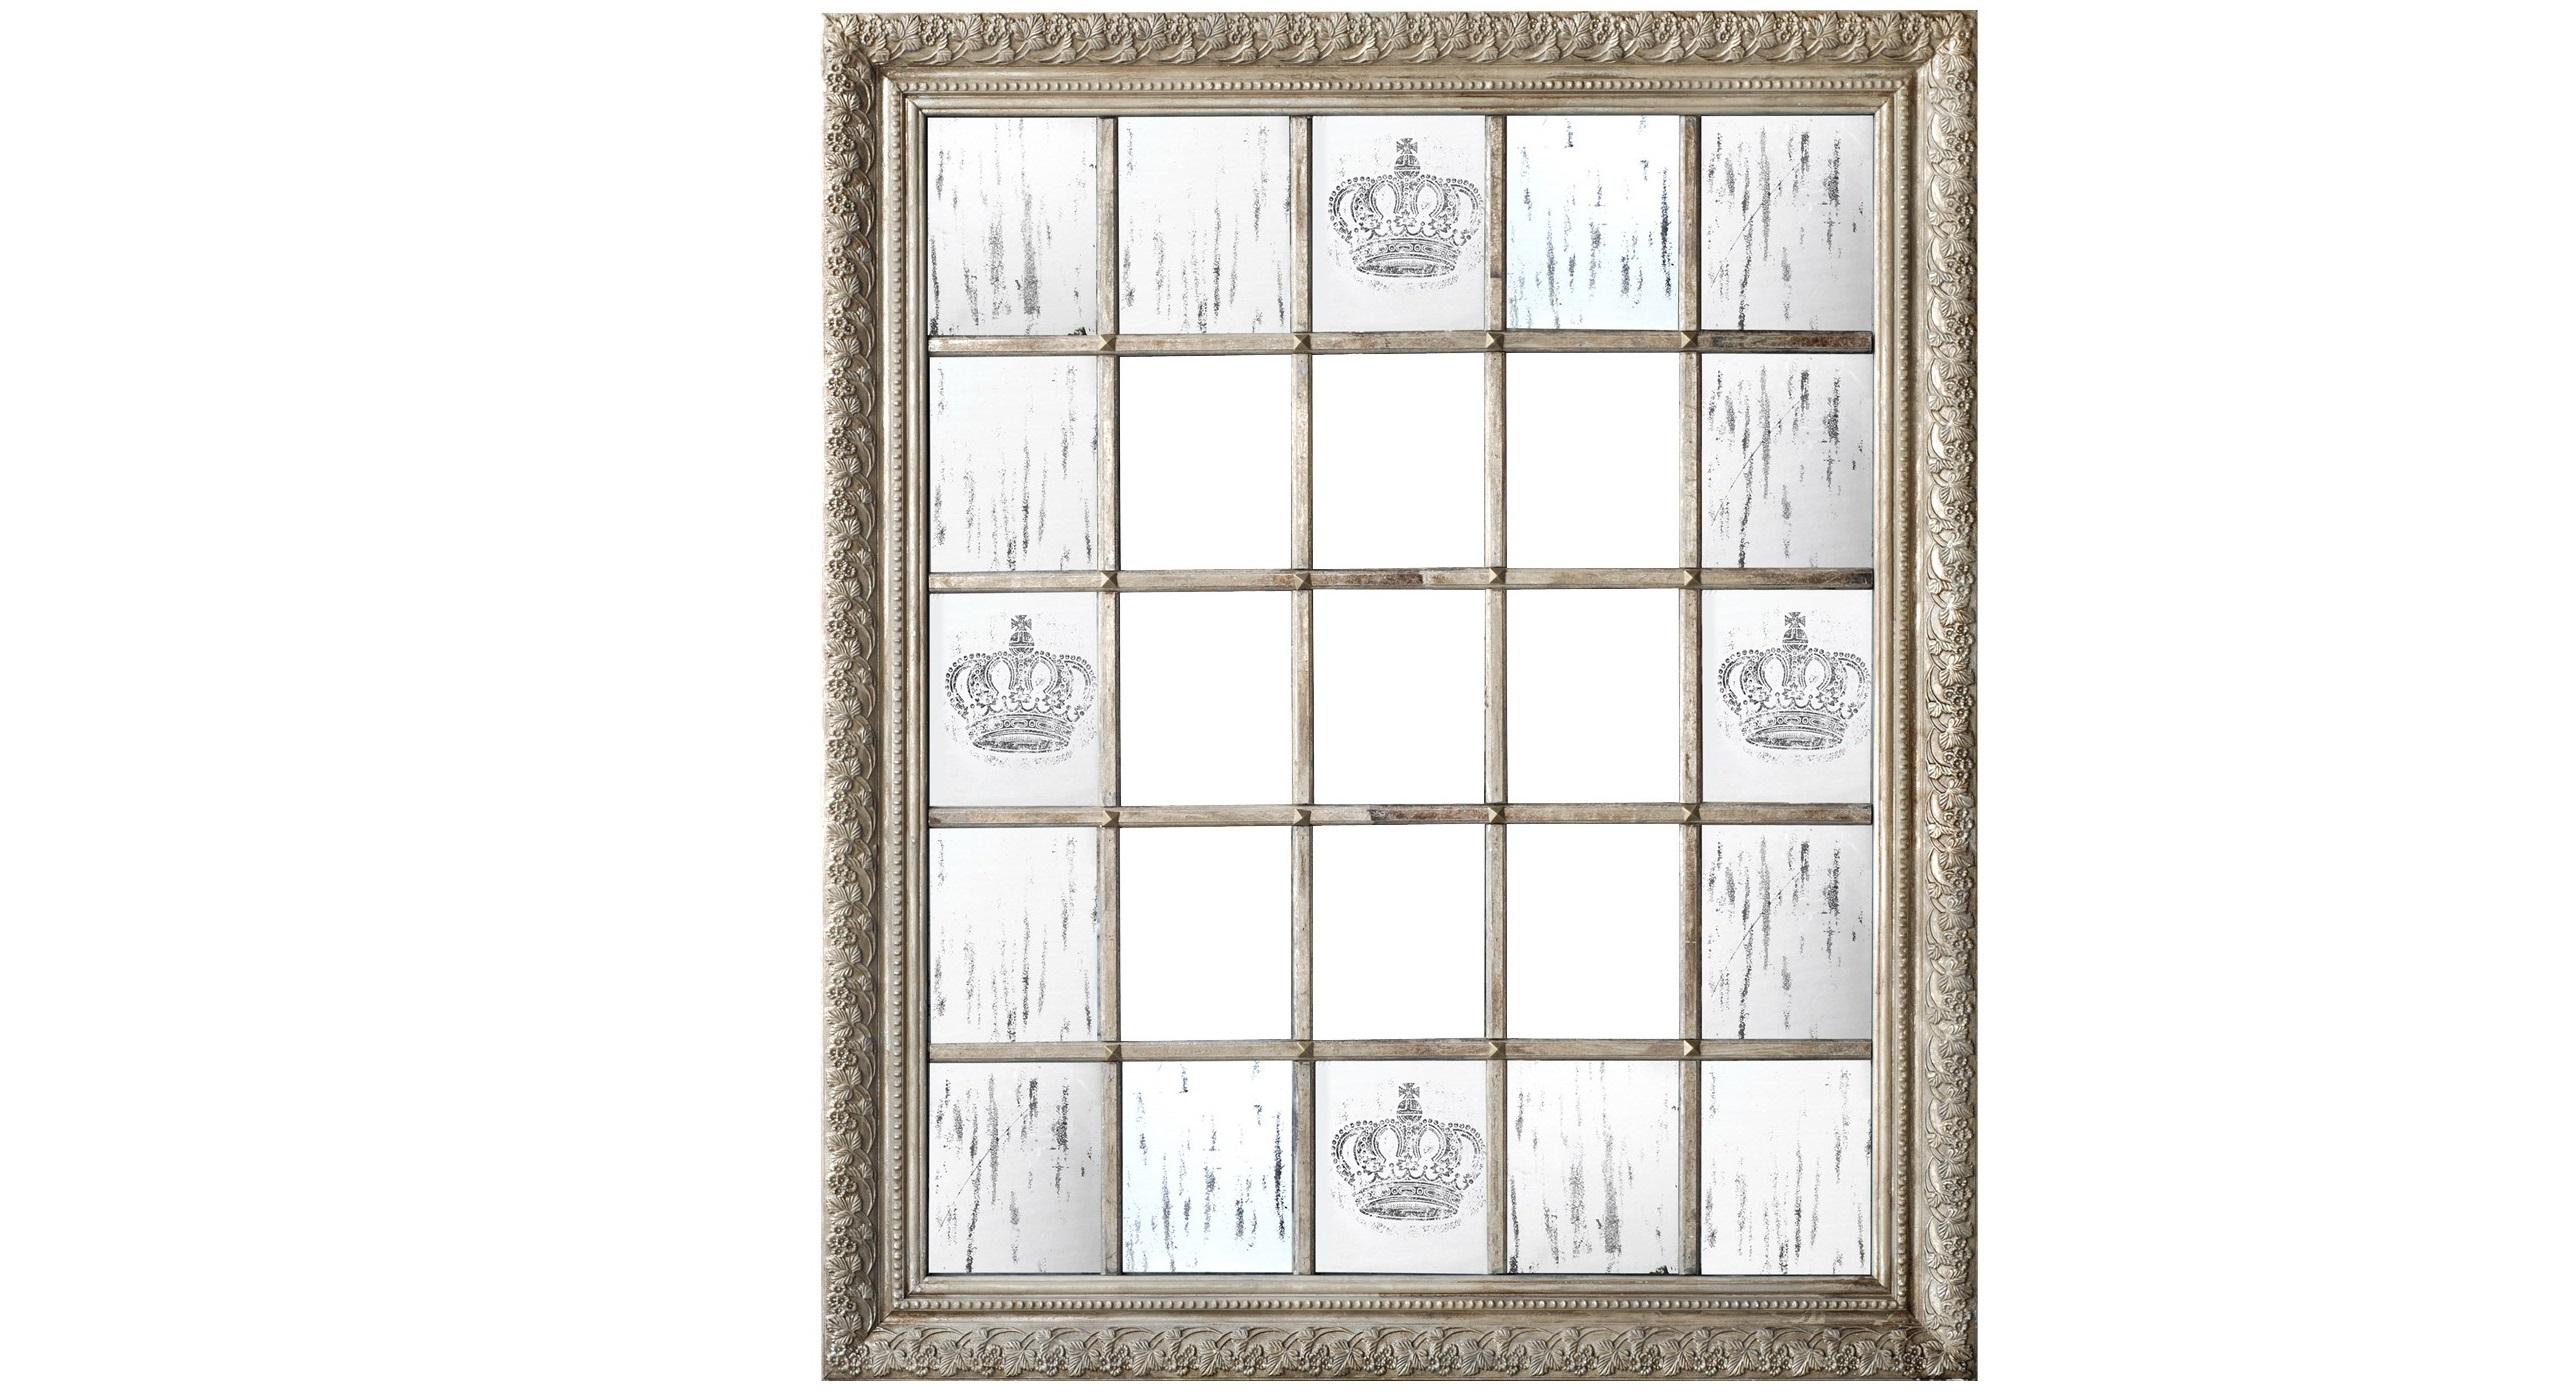 Зеркало настенноеНастенные зеркала<br>Это оригинальное зеркало больше похоже на предмет винтажного искусства. Оно имеет строгую геометрию, составленную множеством квадратов. Правильную симметрию нарушают лишь величественные узоры короны, нанесенные на поверхность. Им вторит благородная золотистая рама, украшенная объемным орнаментом. Комбинация всех этих деталей делает зеркало отличным декором как для классических, так и для современных интерьеров.&amp;amp;nbsp;&amp;lt;div&amp;gt;&amp;lt;br&amp;gt;&amp;lt;/div&amp;gt;&amp;lt;div&amp;gt;Материал - дерево, зеркало.&amp;amp;nbsp;&amp;lt;/div&amp;gt;&amp;lt;div&amp;gt;Вес - 38.6 кг.&amp;lt;/div&amp;gt;<br><br>Material: Дерево<br>Ширина см: 138<br>Высота см: 162<br>Глубина см: 6